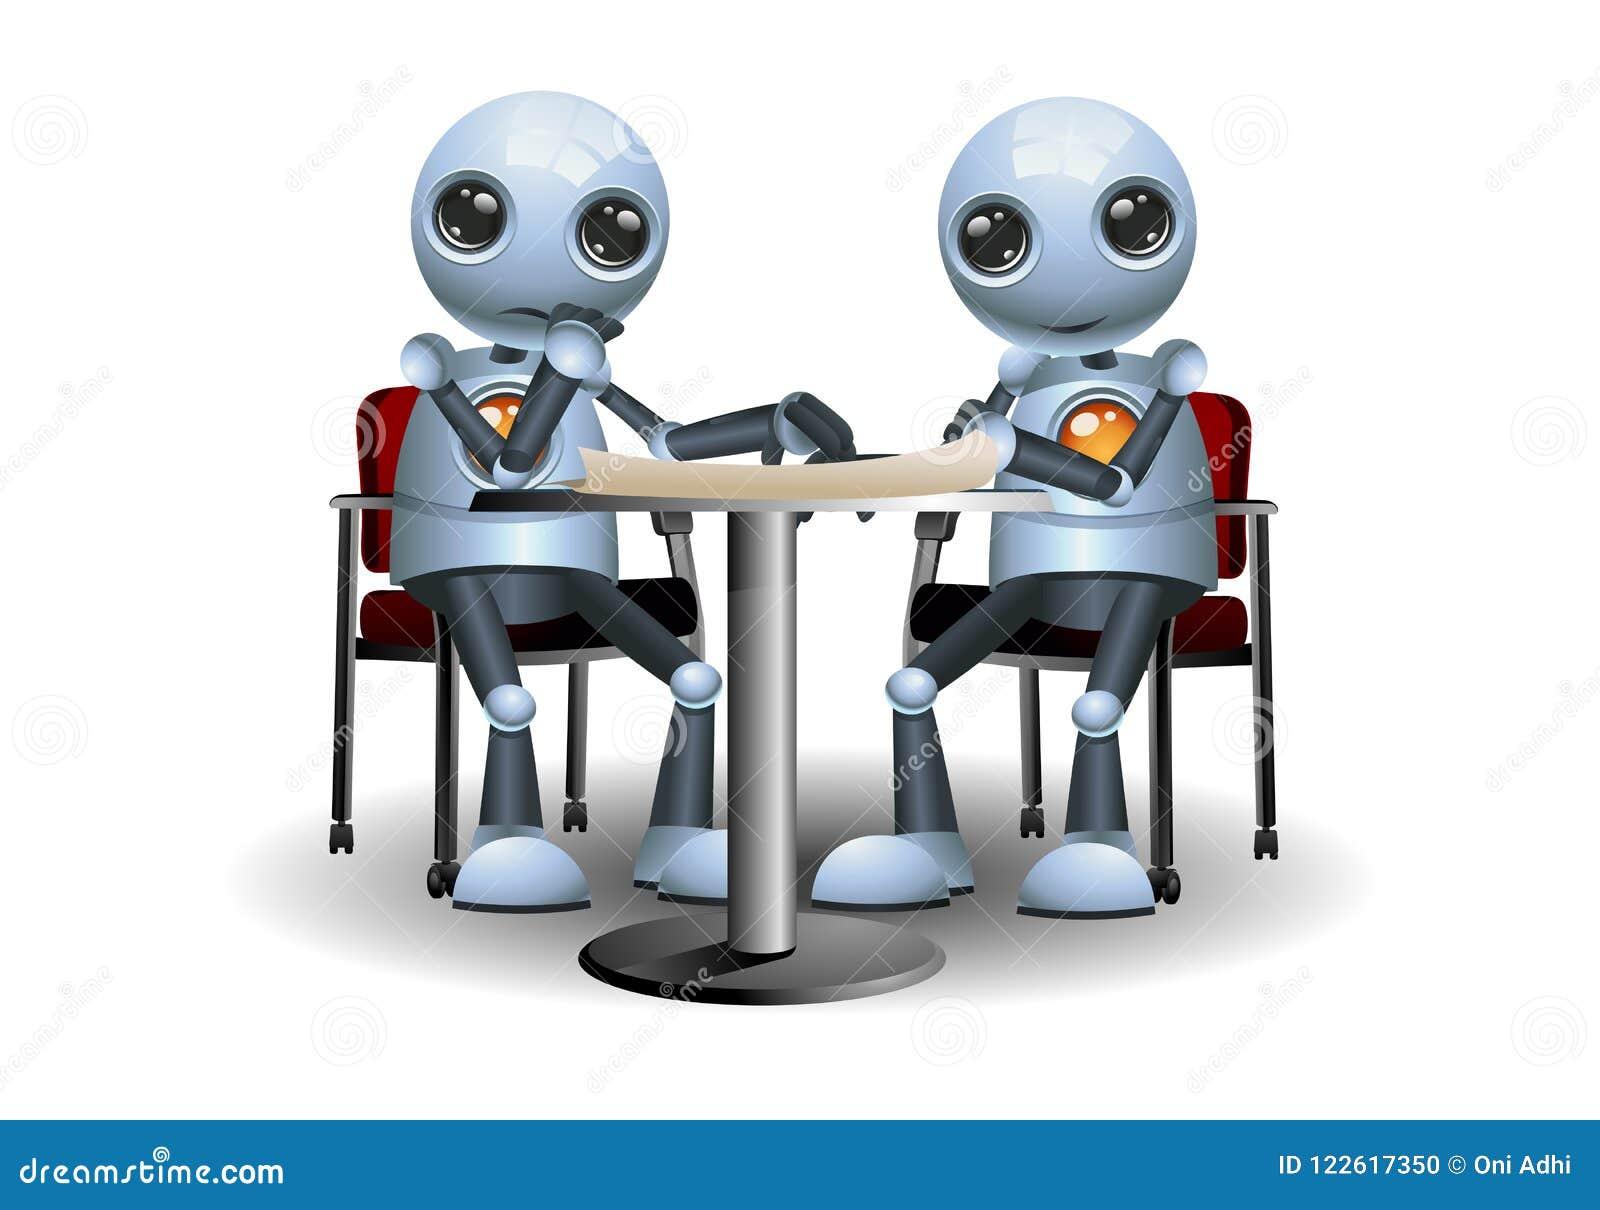 Little robot doing meeting conversation